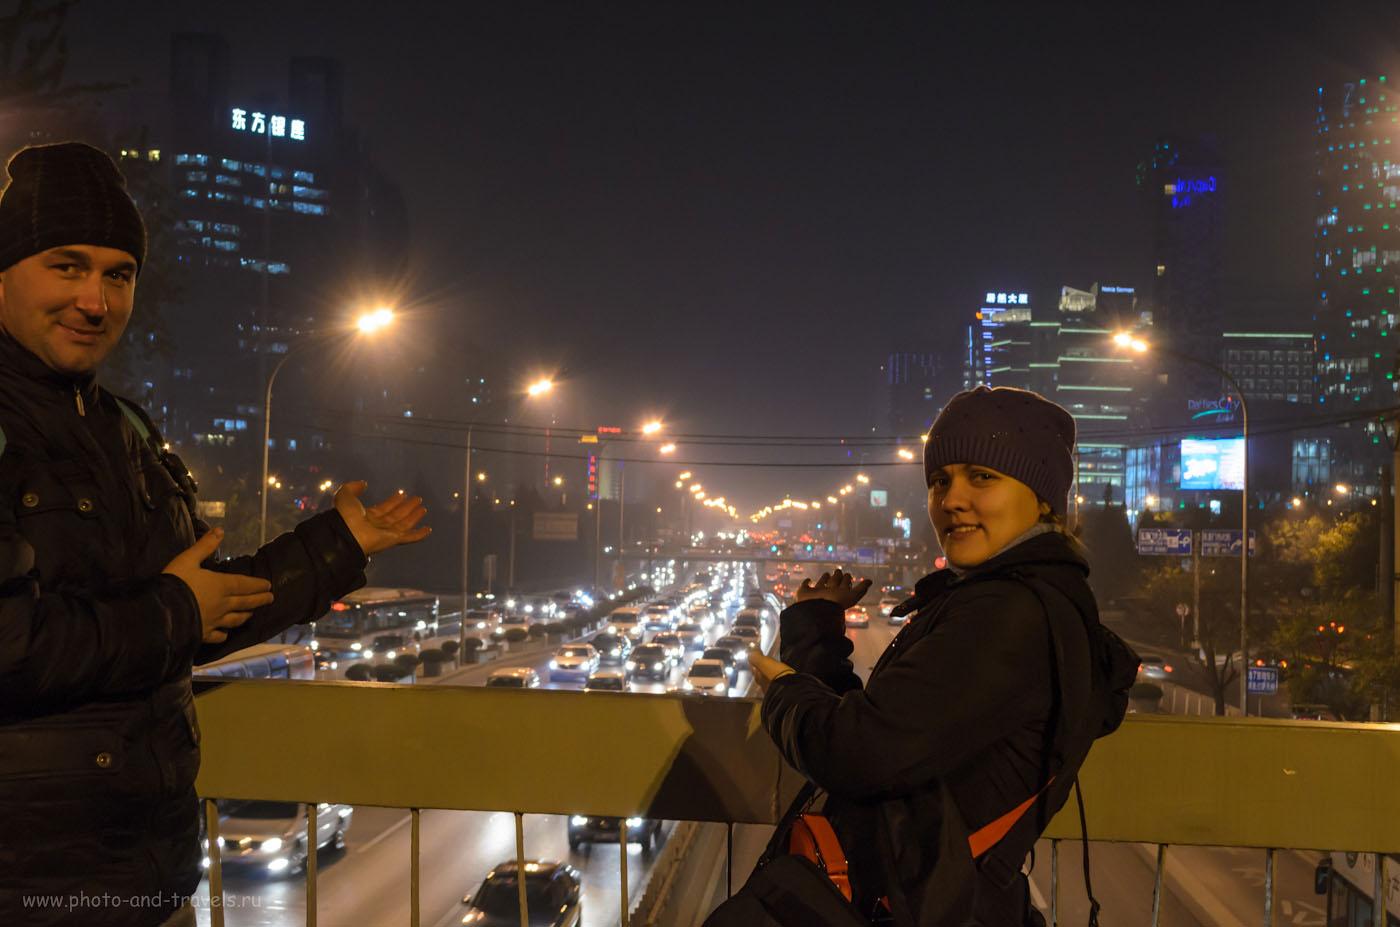 Фото 12. Еще один портрет, снятый моим талантливым штативом на Nikon D5100 KIT 18-55 одним приятным вечером в Пекине. Поездка дикарями в Китай